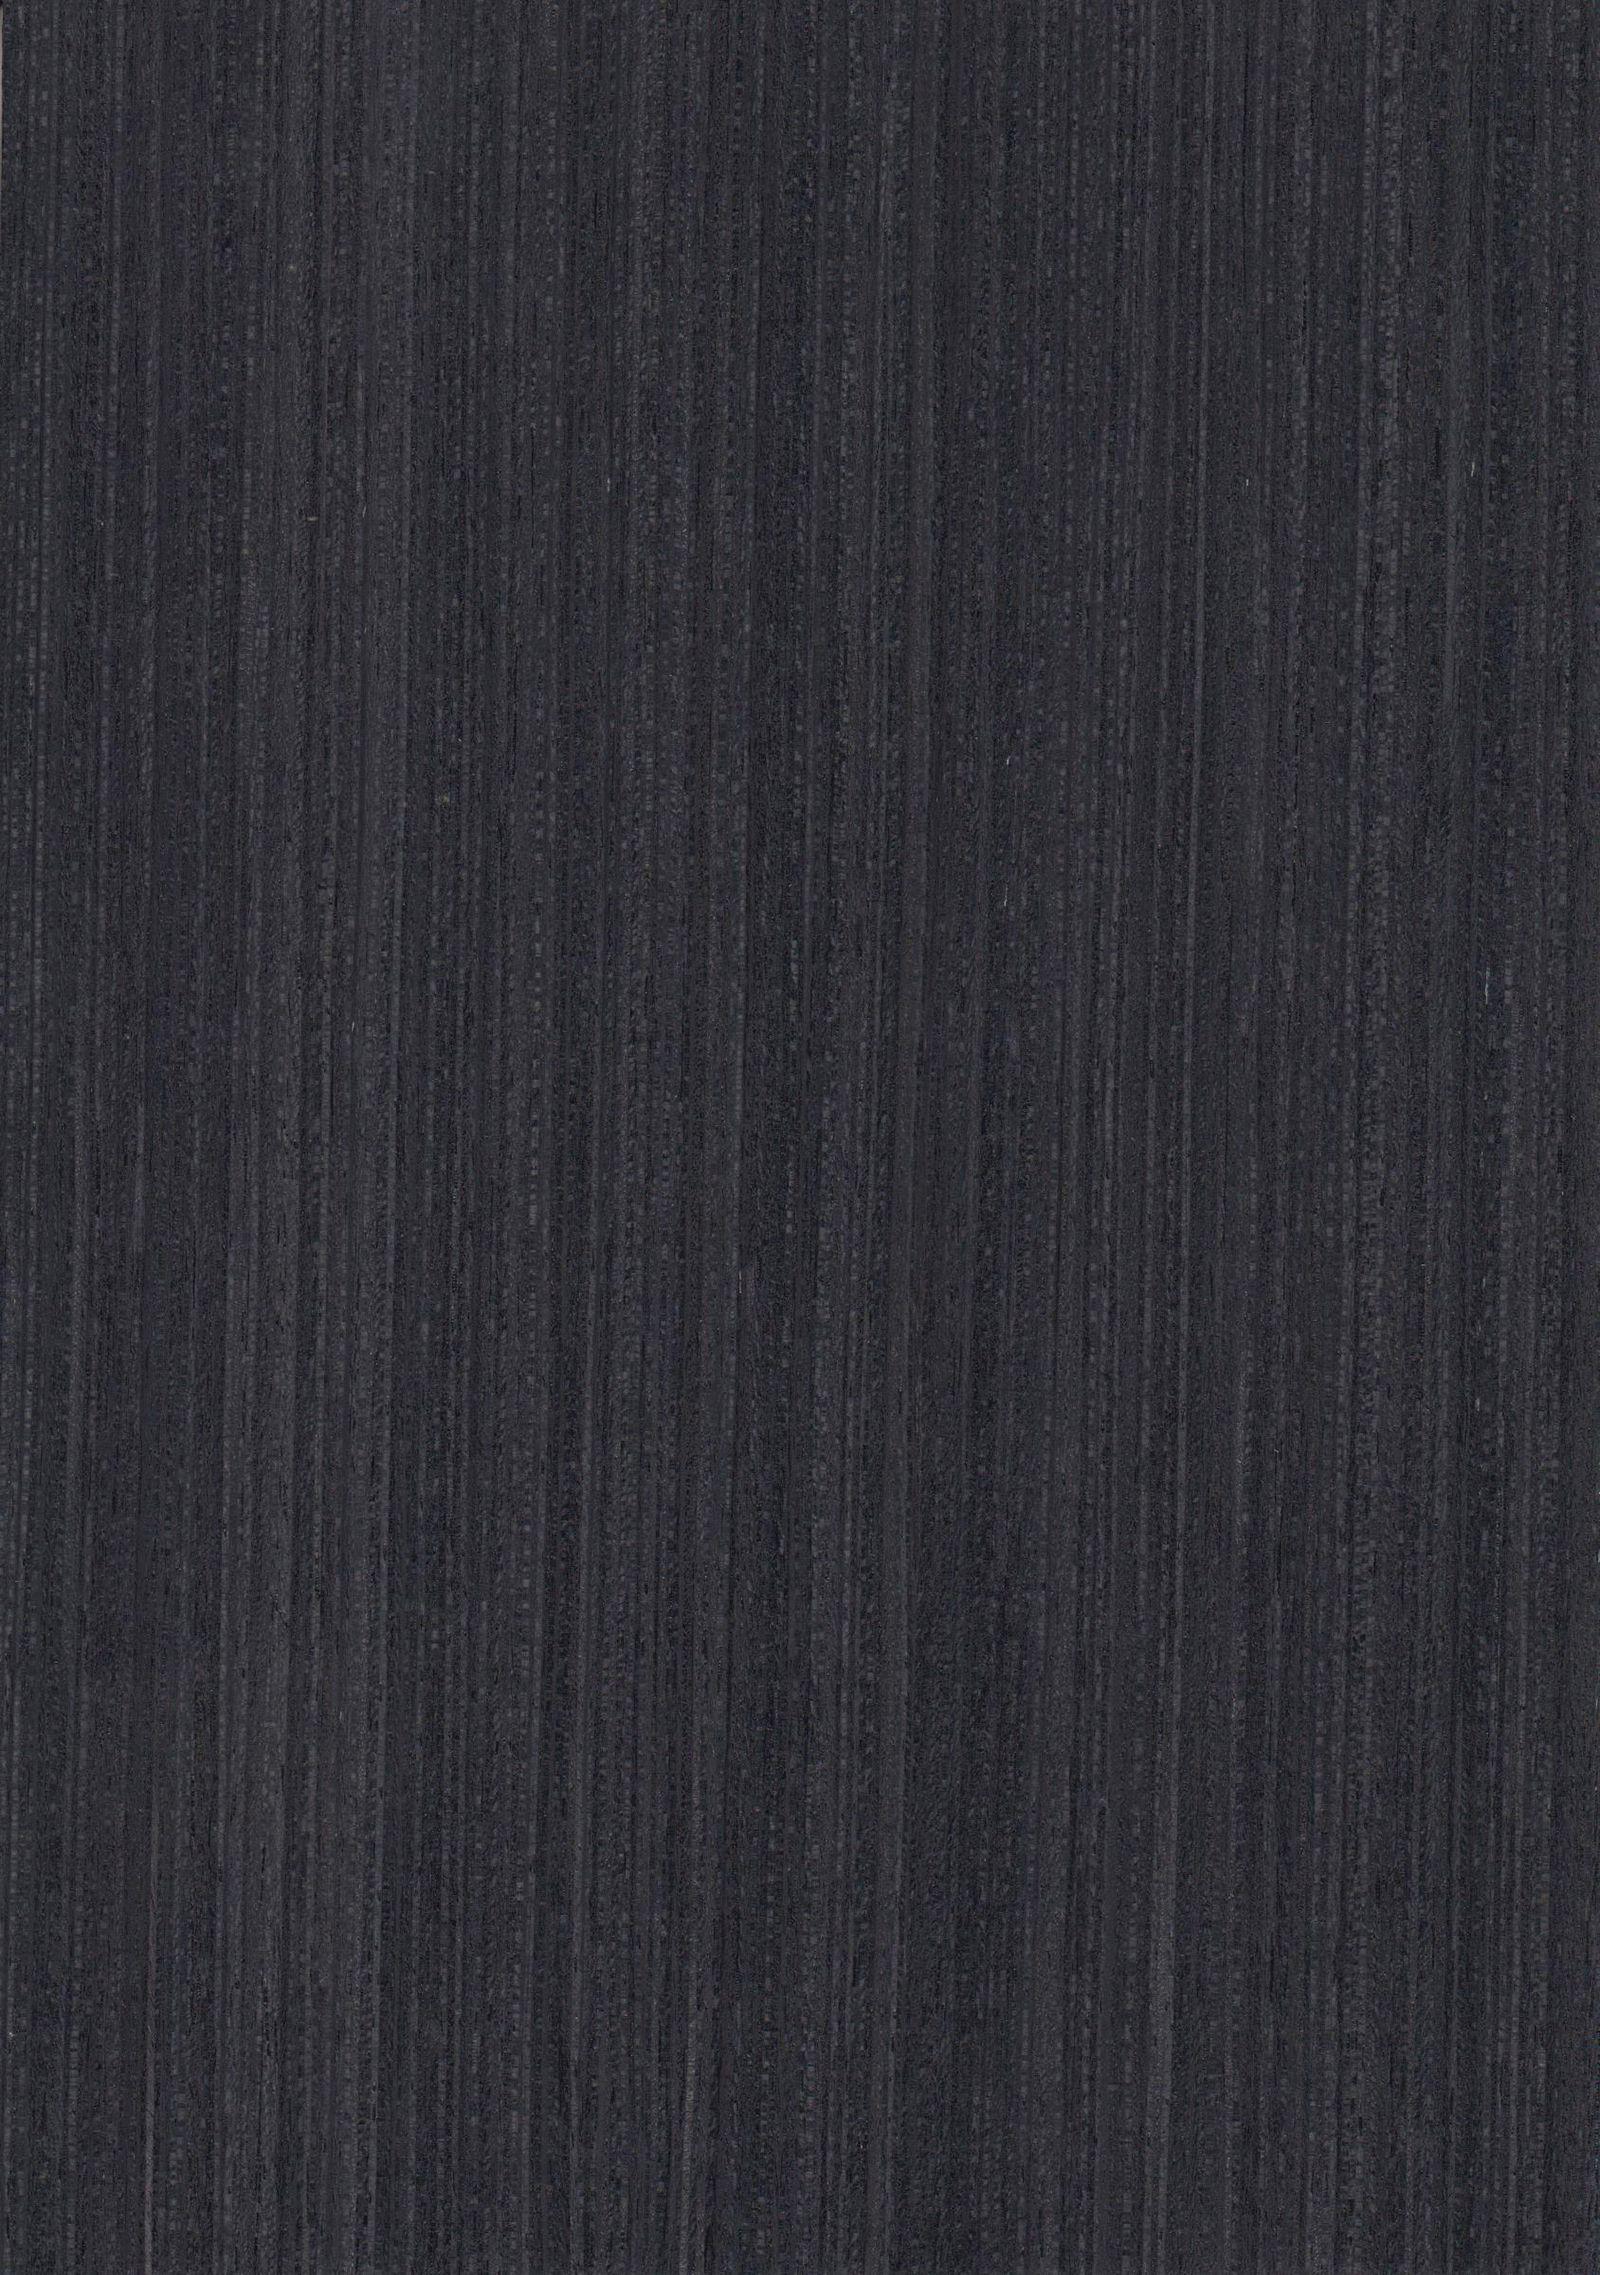 645 black wood wood veneers in 2019 black wood texture. Black Bedroom Furniture Sets. Home Design Ideas